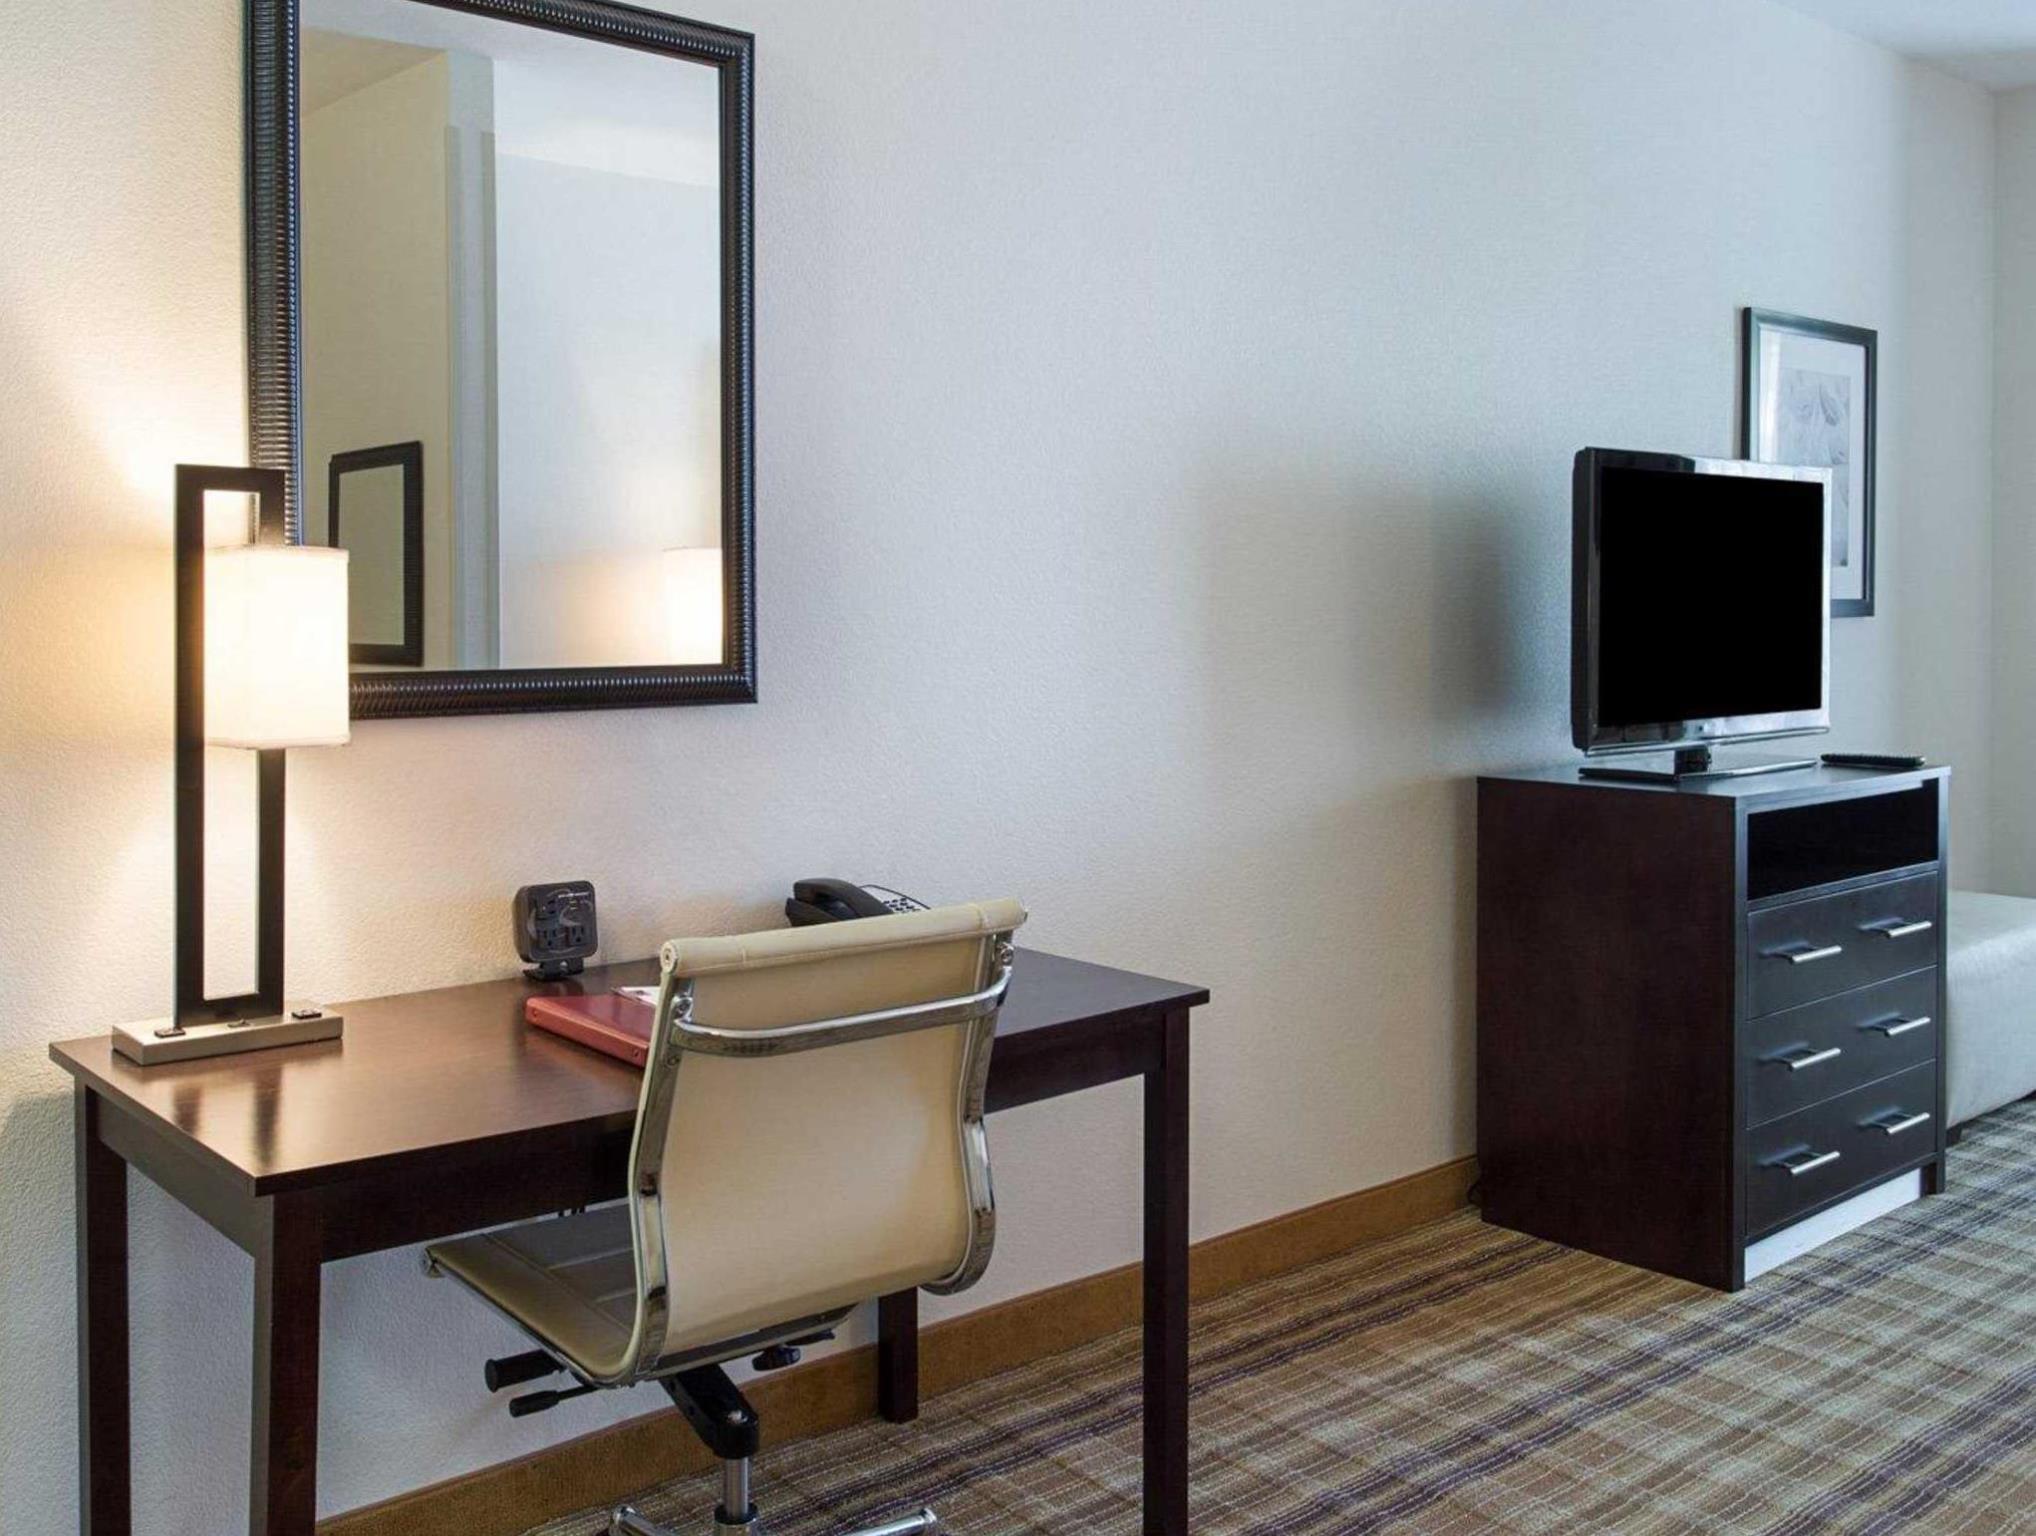 Comfort Suites Mandeville, Saint Tammany